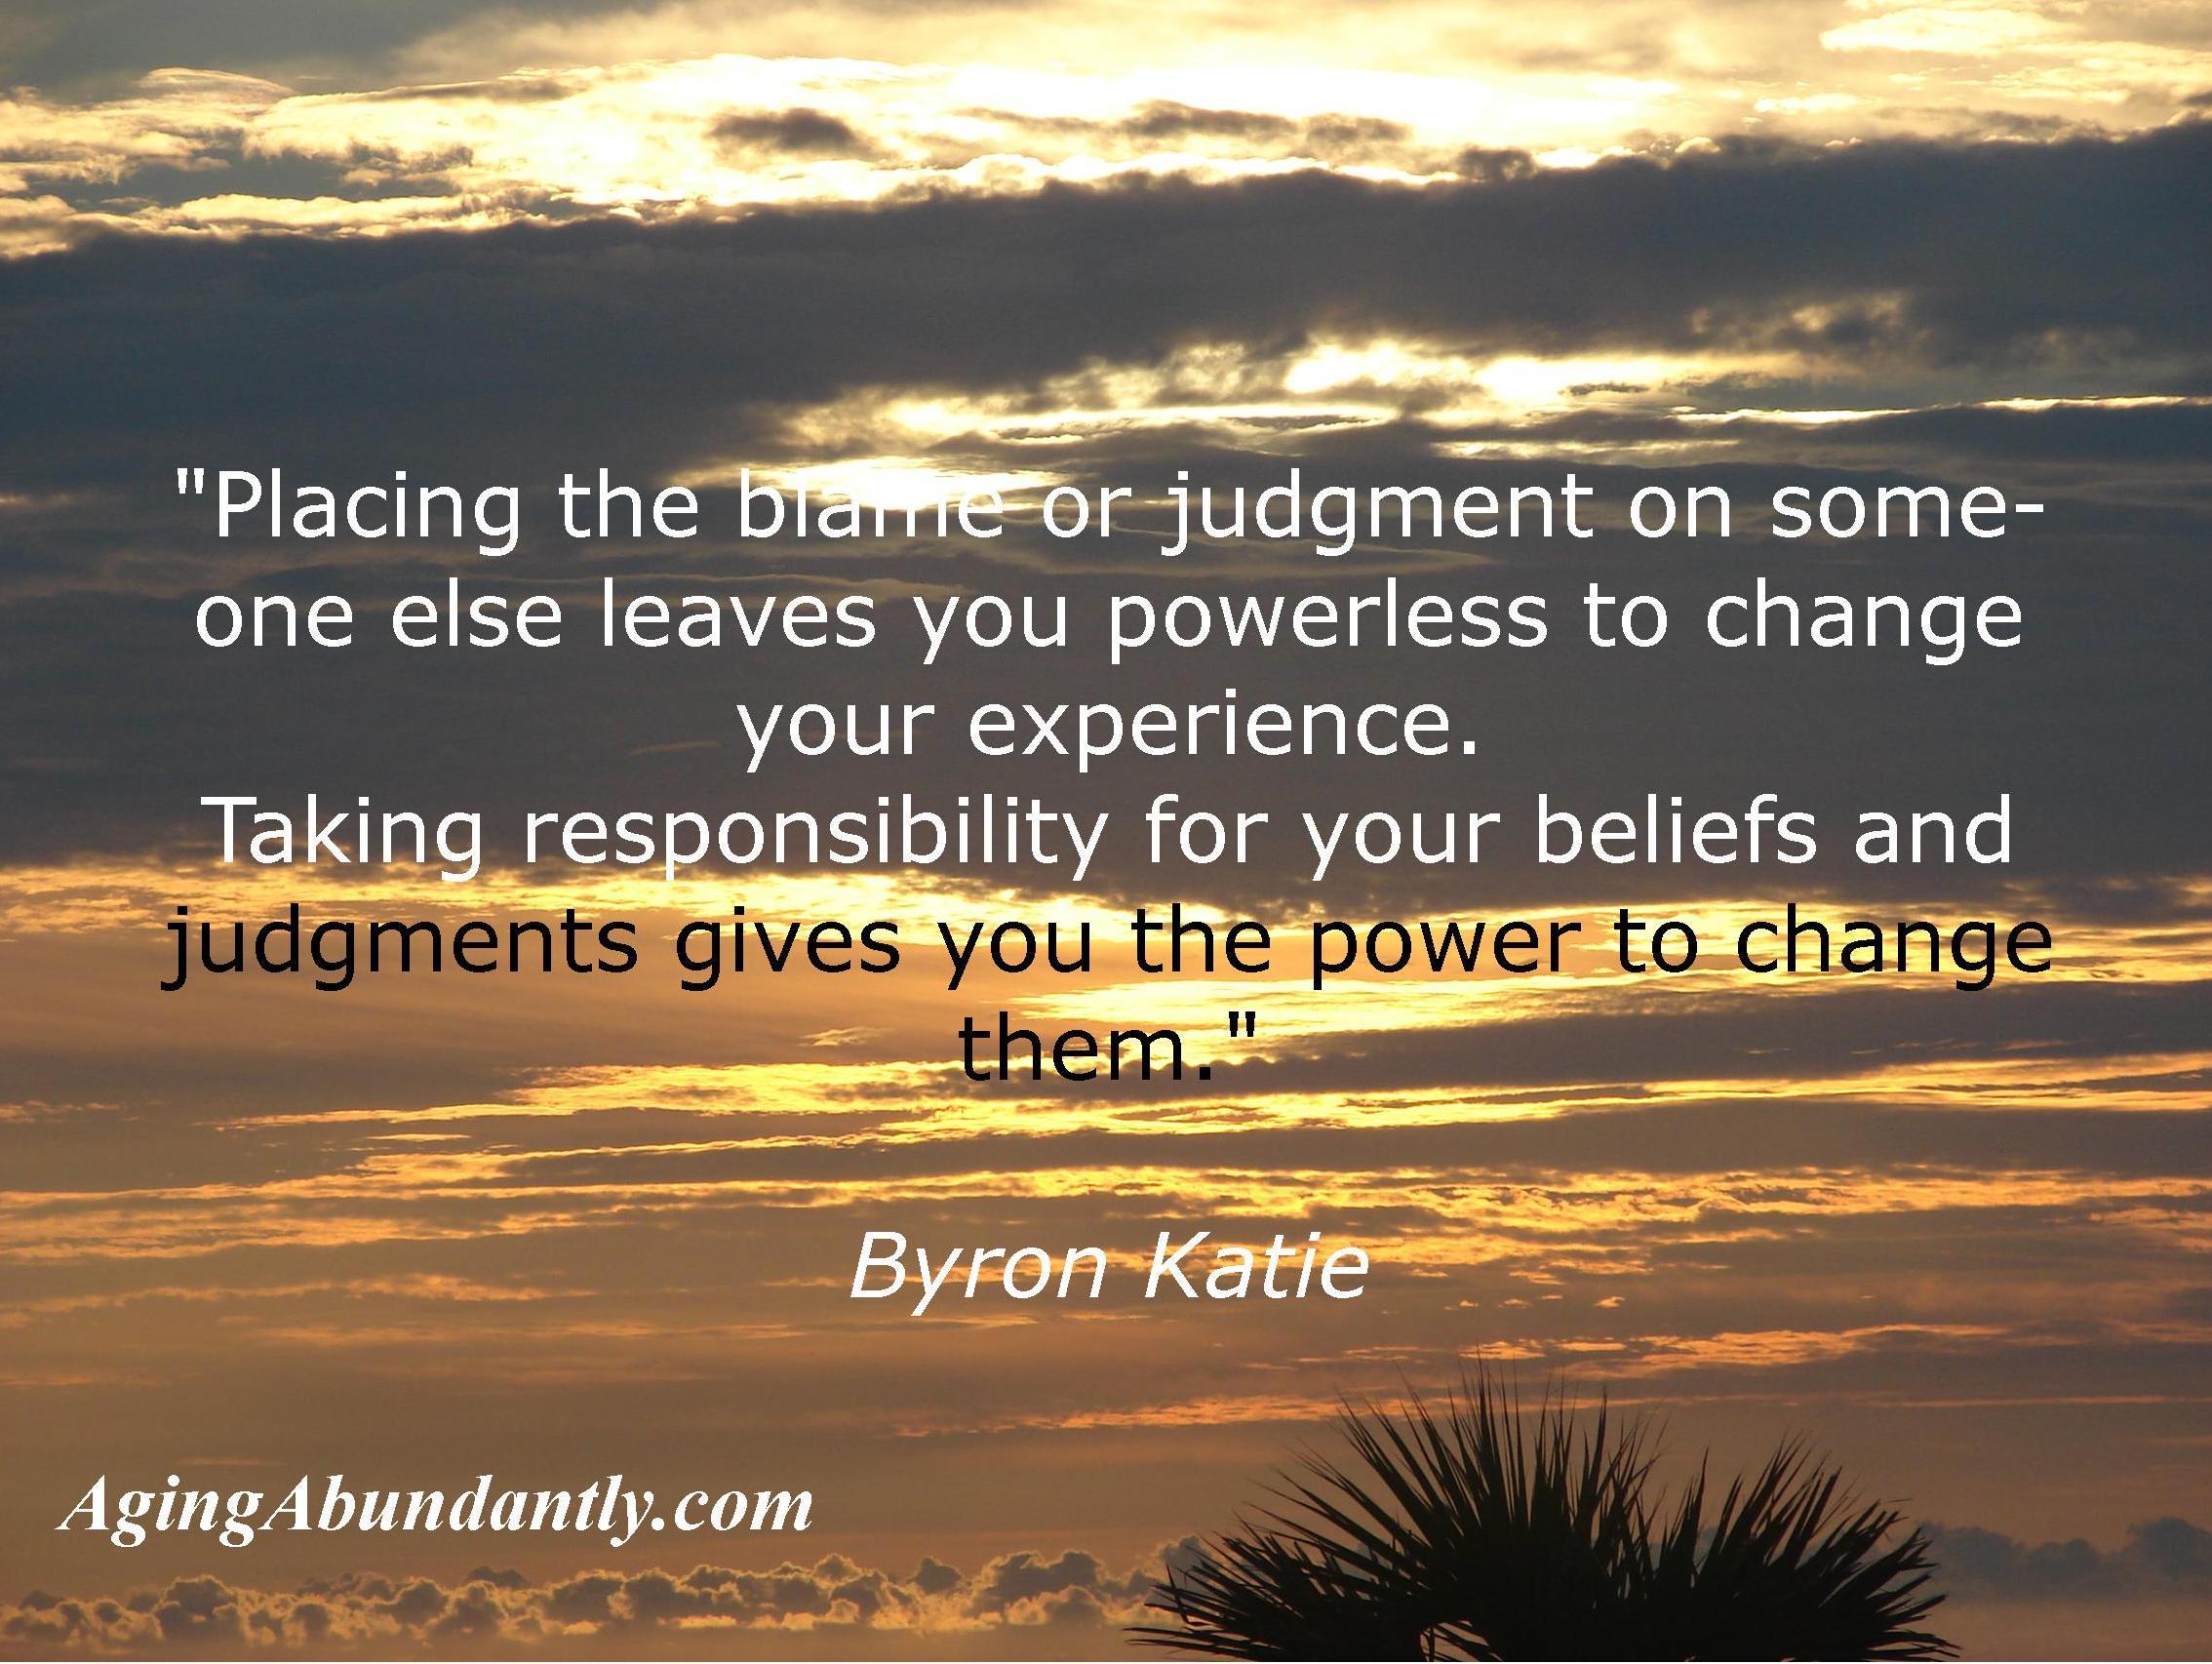 Katie quote #1